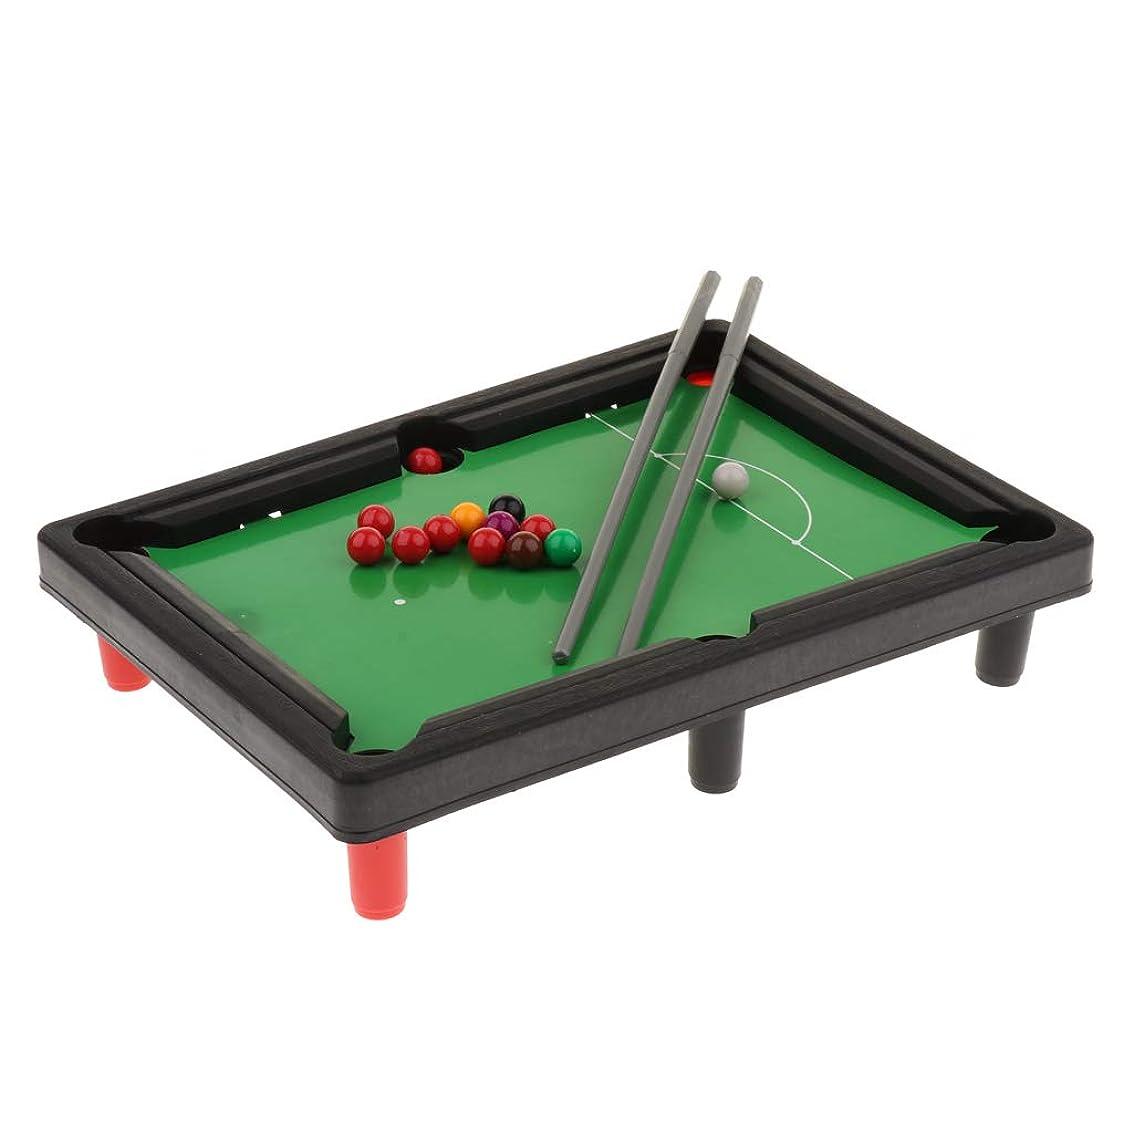 合理化突撃パリティCUTICATE ミニビリヤードボール 卓上プール デスクトップゲーム ミニテーブルゲーム 卓球 子供 おもちゃ